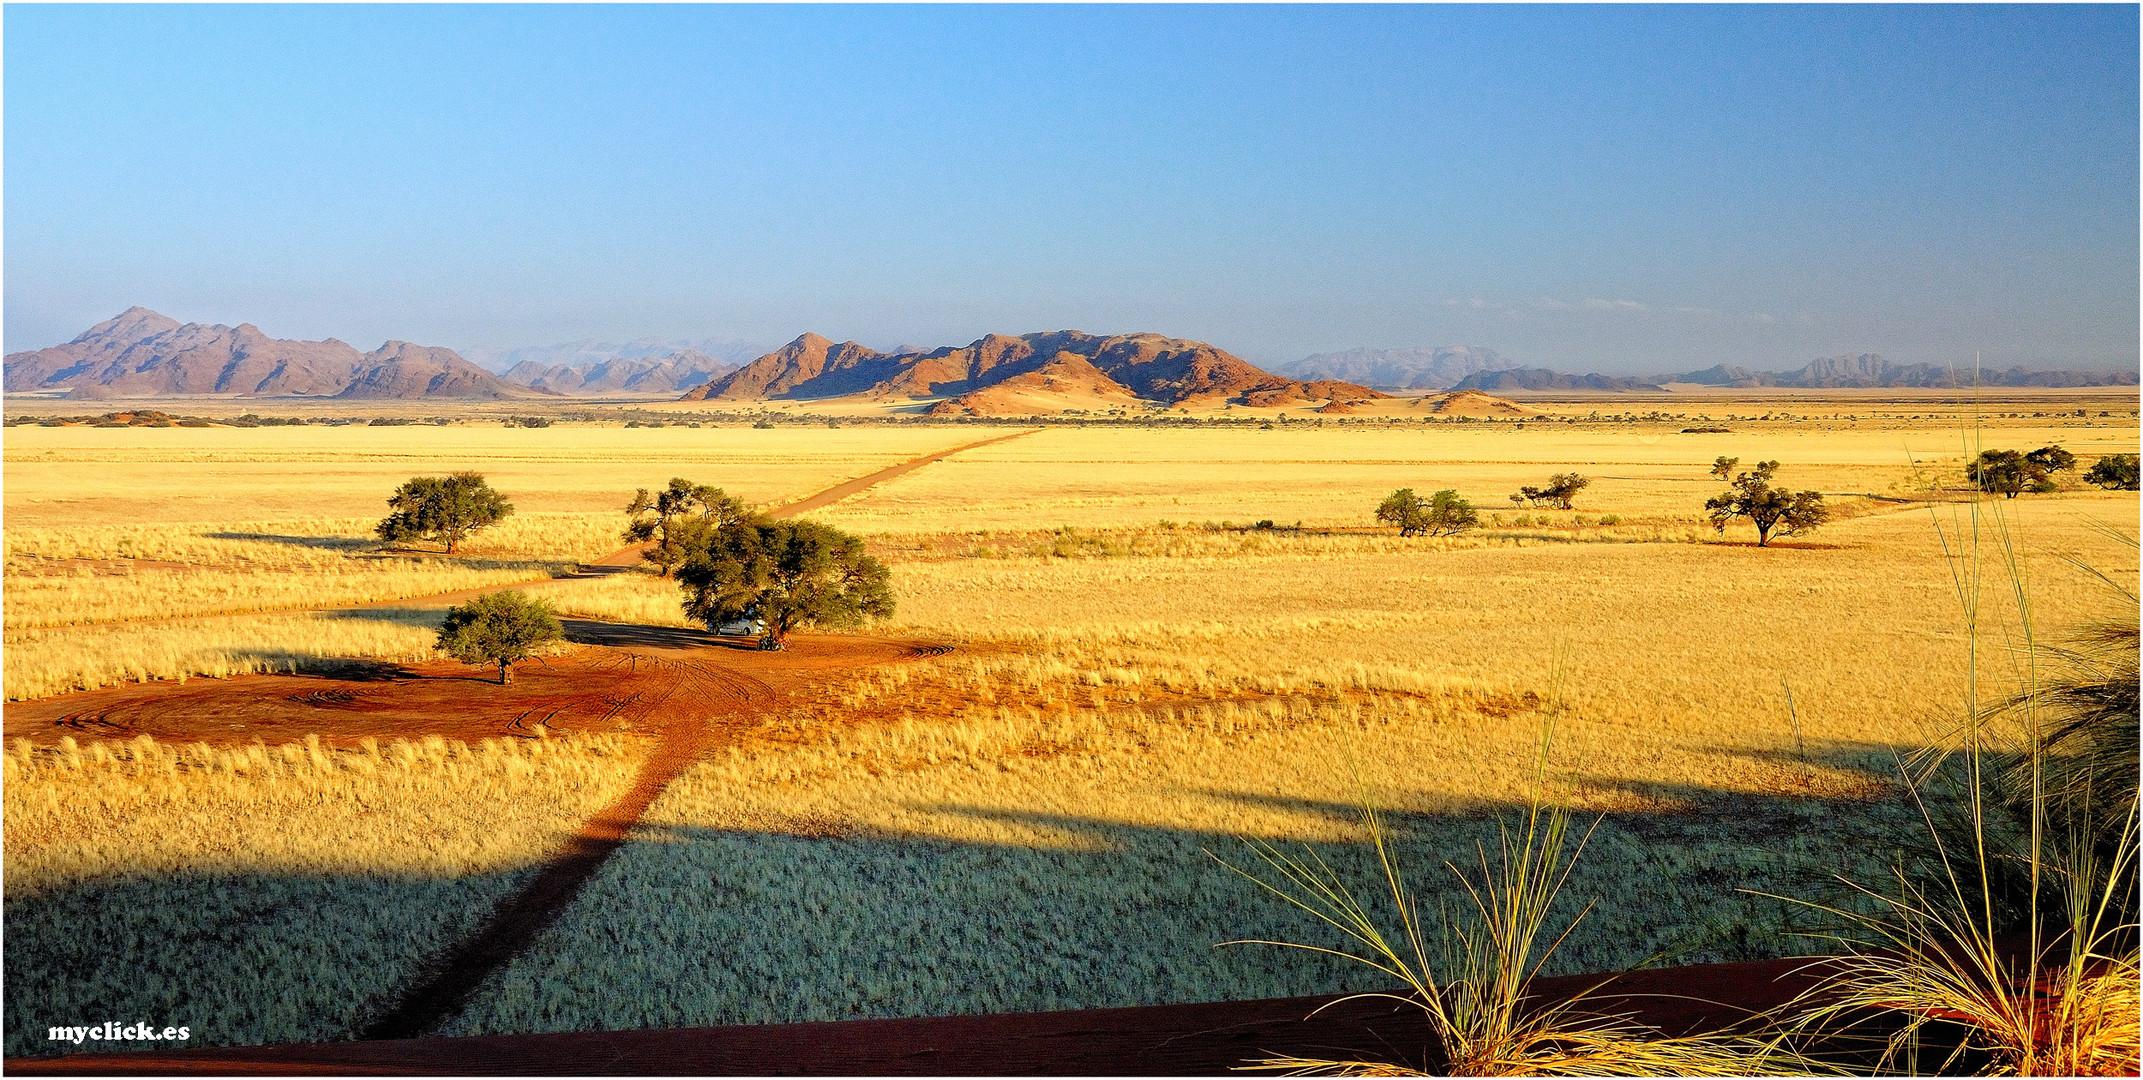 MEMORIAS DE AFRICA-PAISAJES DE SOSSUVLEI-NAMIBIA